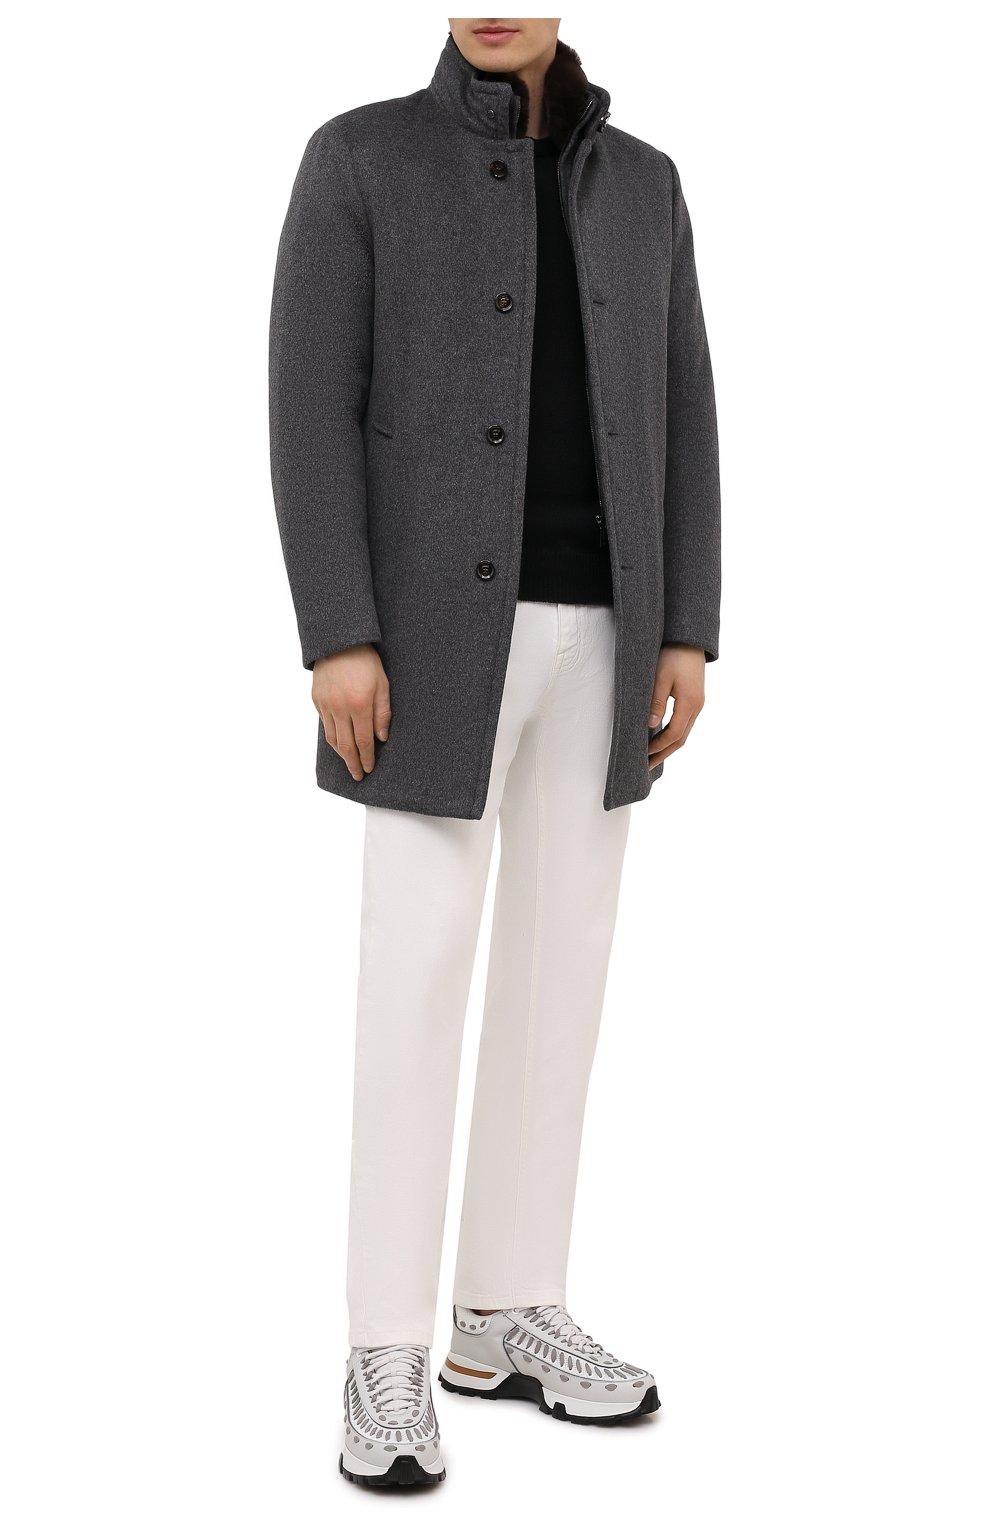 Мужской пальто из шерсти и кашемира bond-fur-le MOORER светло-серого цвета, арт. B0ND-FUR-LE/M0UG2100131-TEPA209   Фото 2 (Материал внешний: Шерсть; Рукава: Длинные; Длина (верхняя одежда): До середины бедра; Стили: Классический; Материал подклада: Синтетический материал; Мужское Кросс-КТ: пальто-верхняя одежда; Материал утеплителя: Пух и перо)